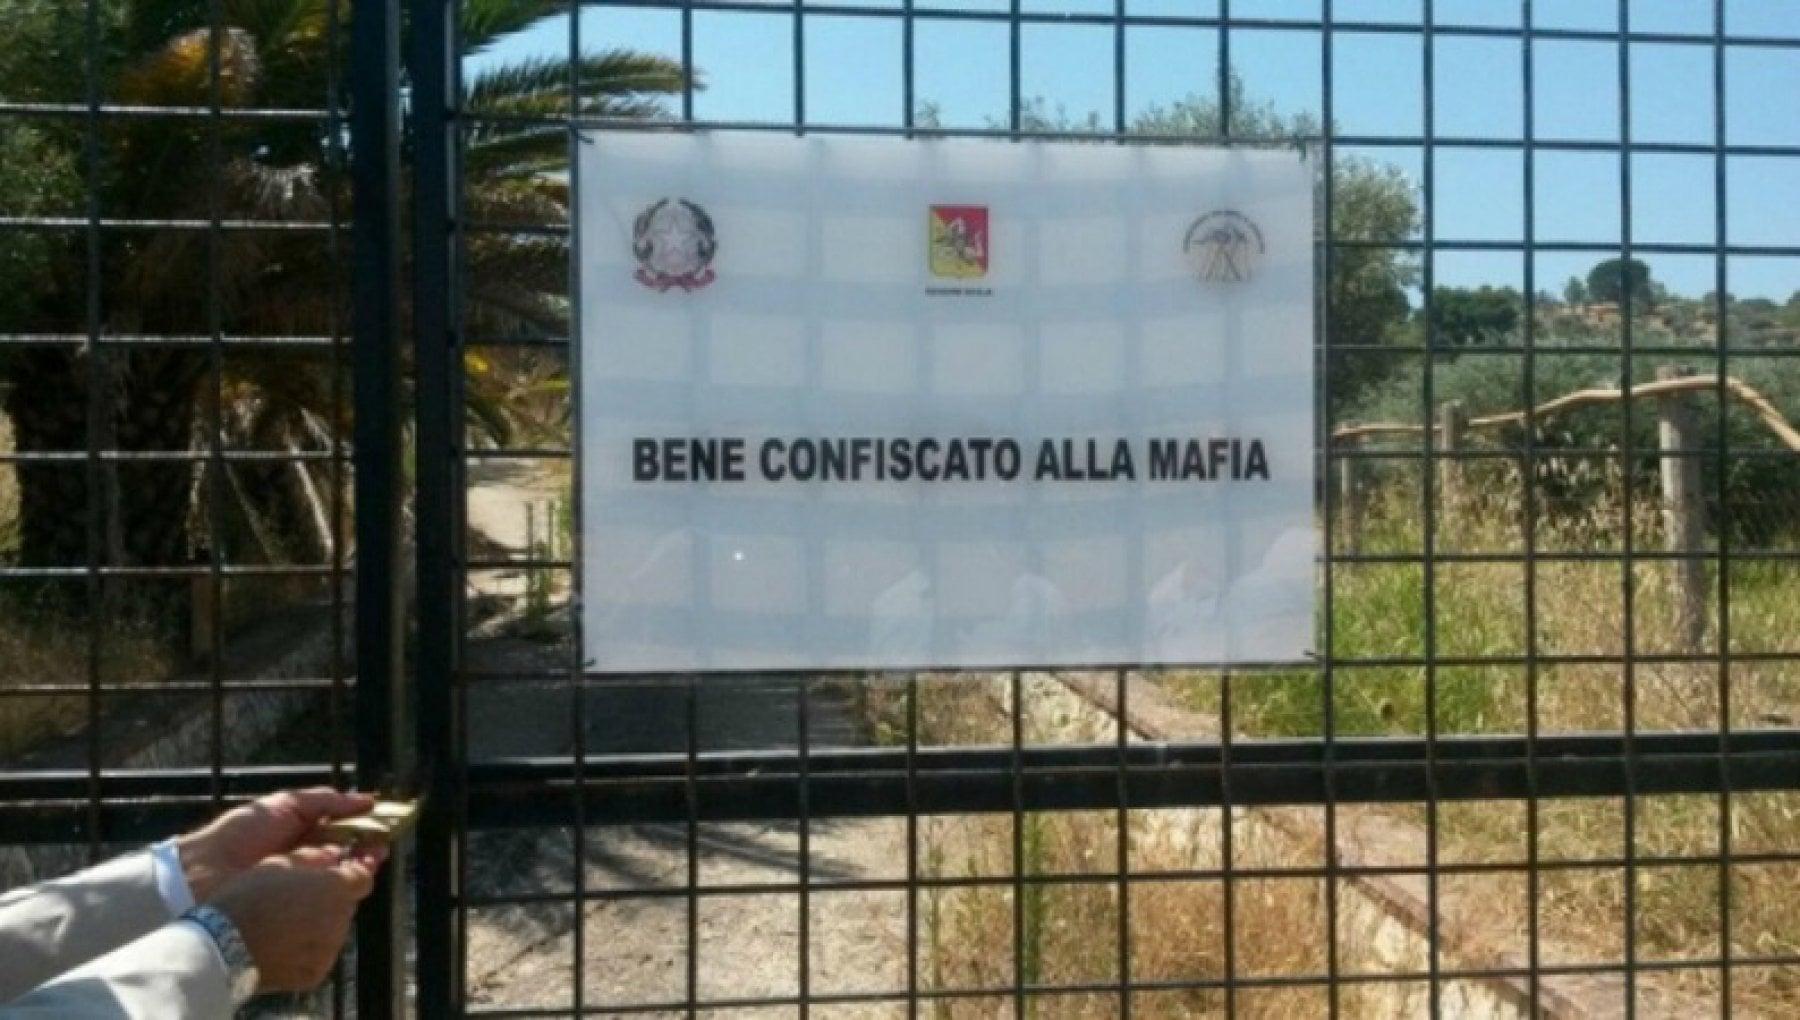 Beni confiscati alla mafia, il flop della gestione statale: attive solo 39  imprese su 780 - la Repubblica